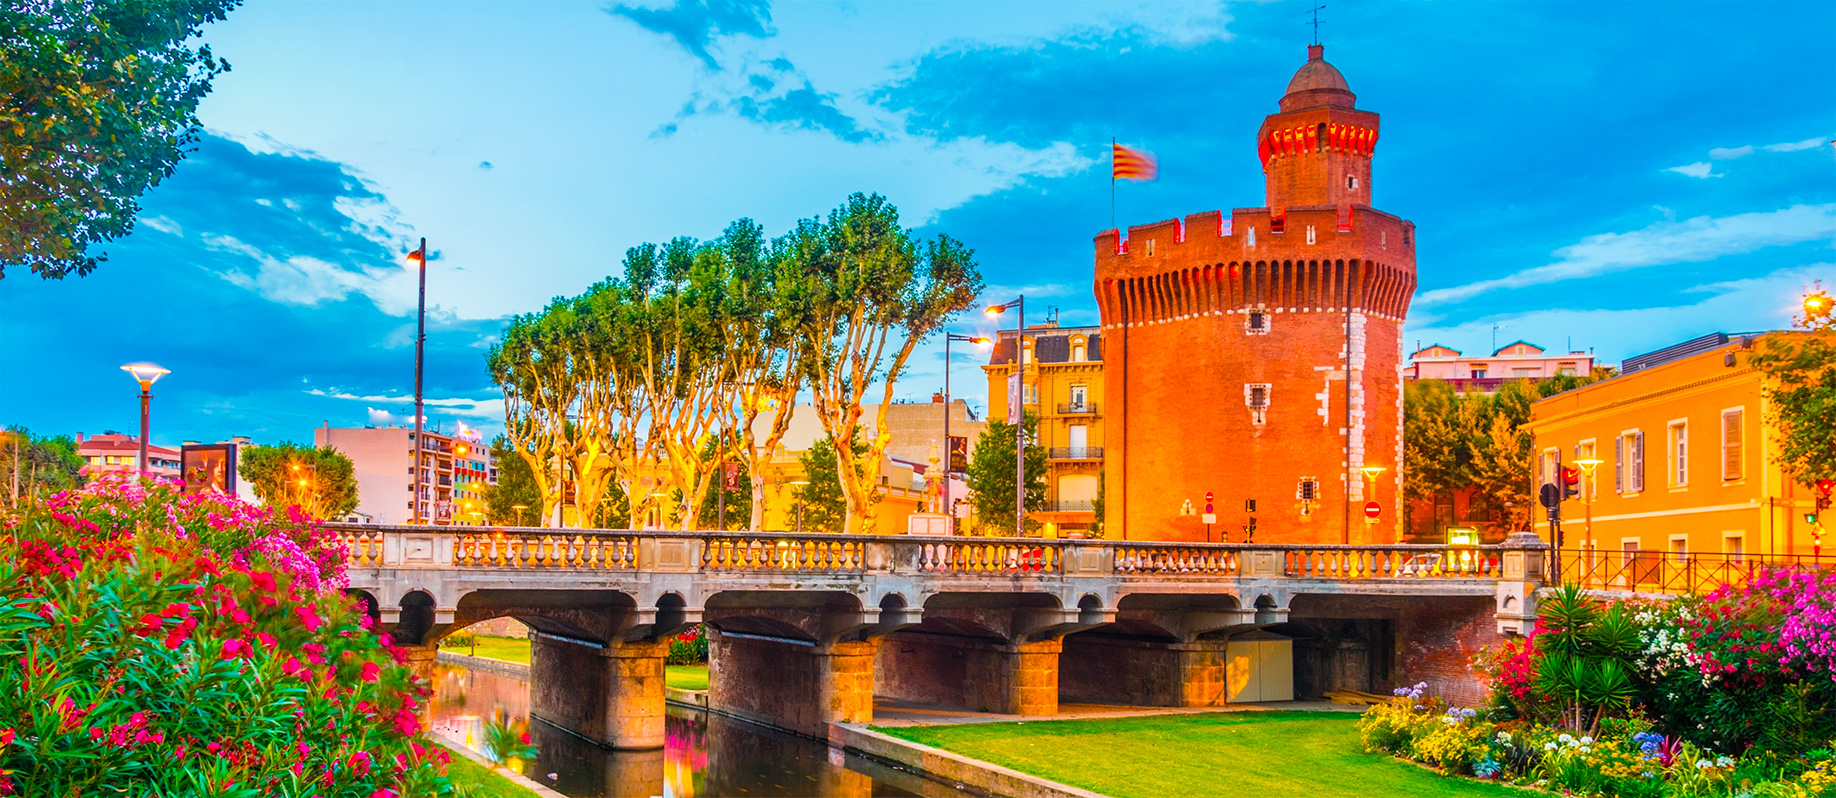 Palais des rois de Majorque - Perpignan